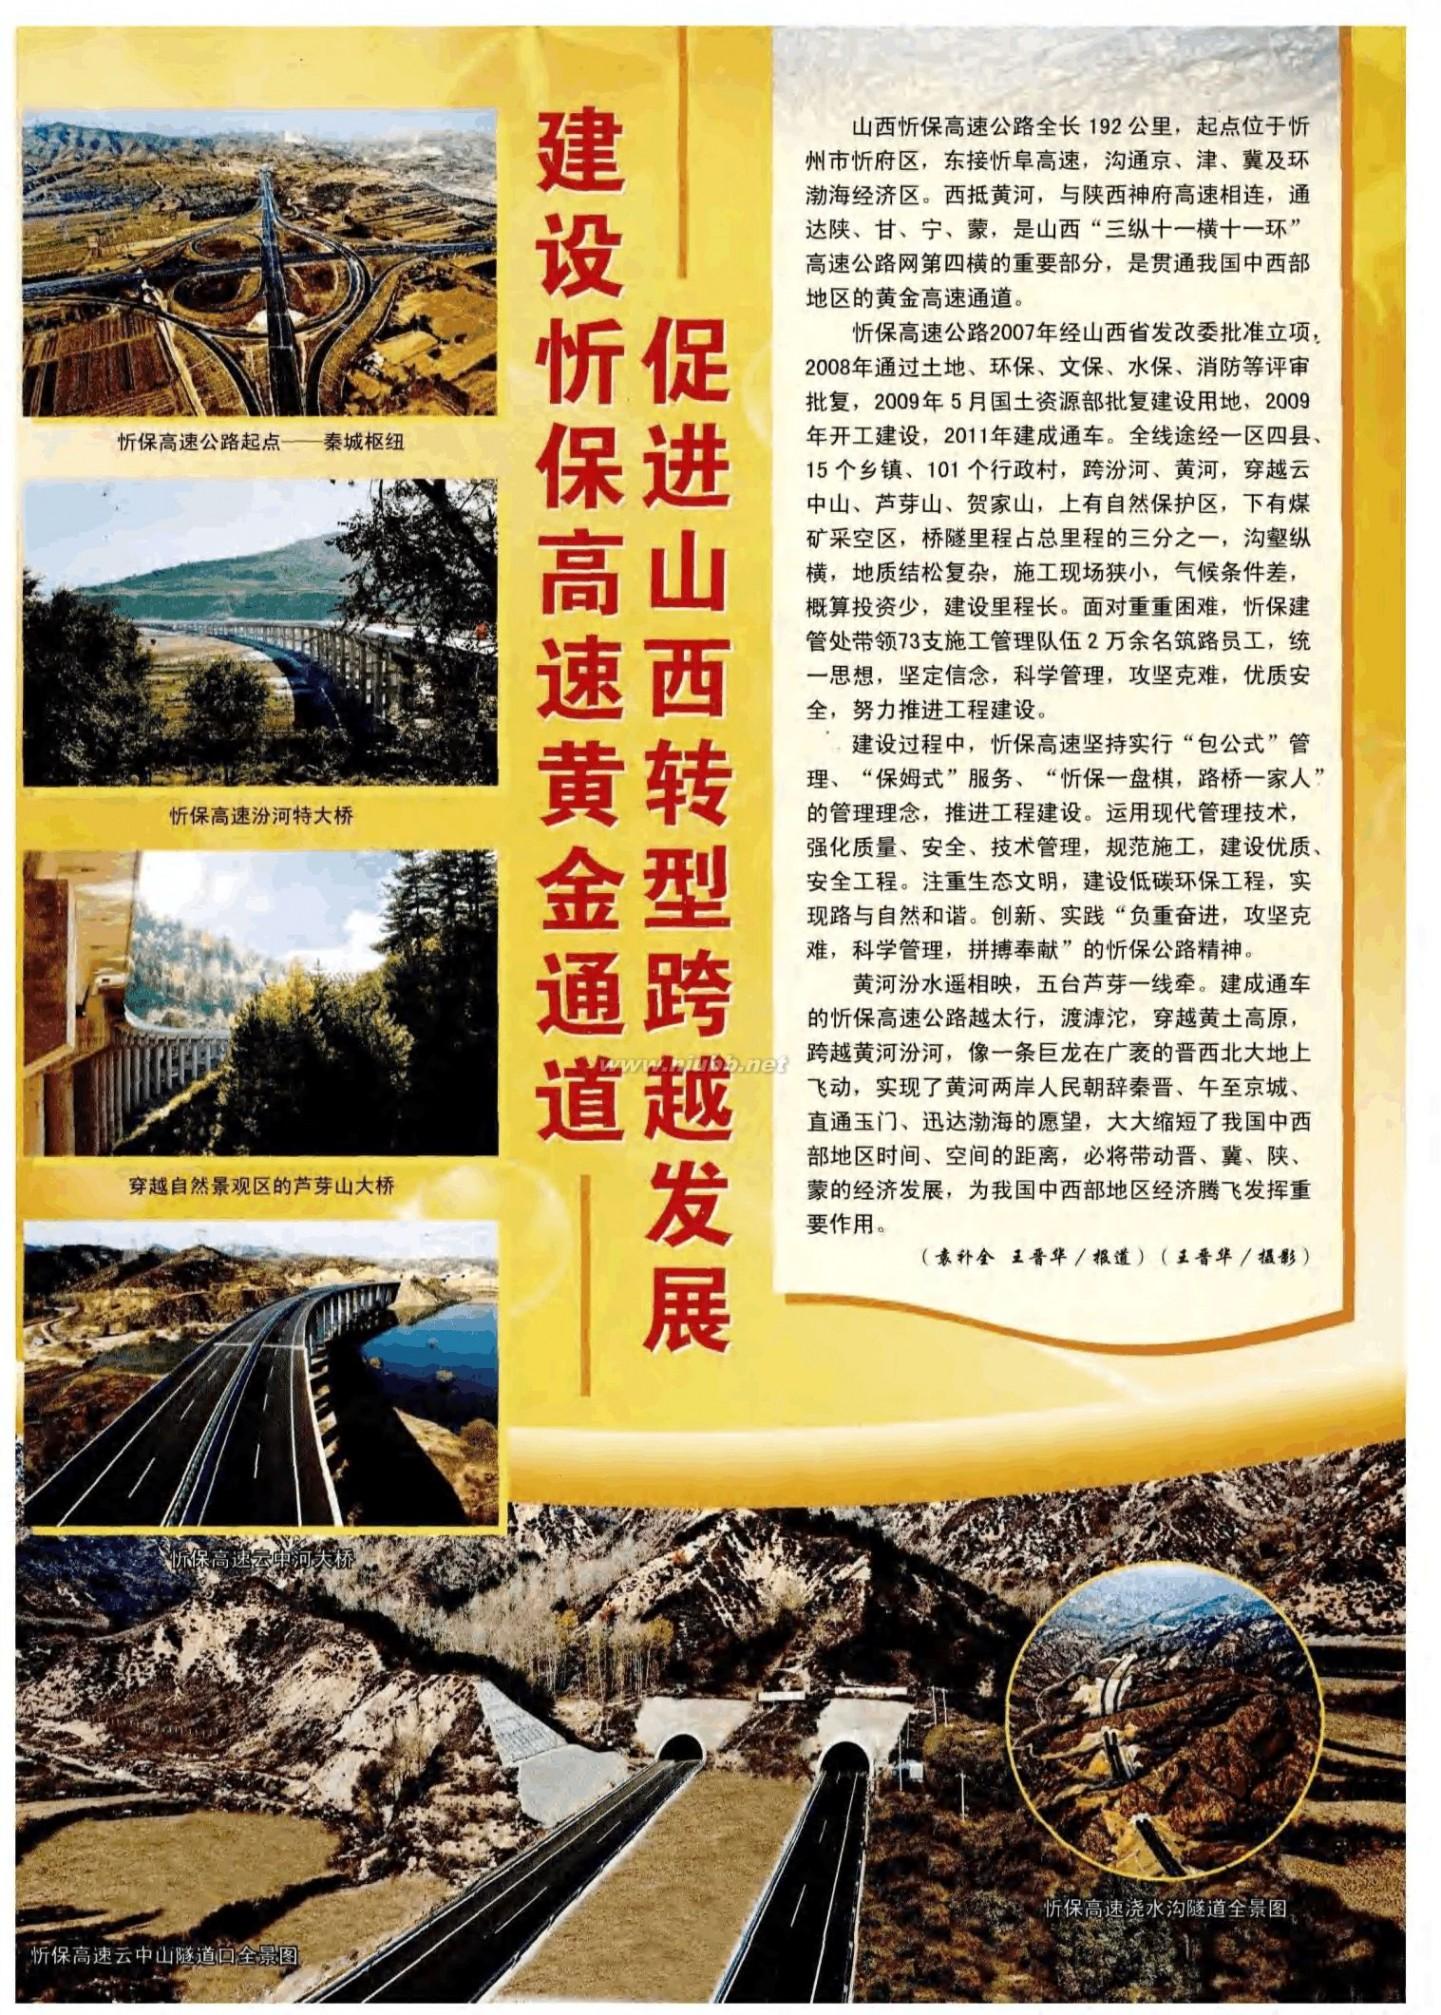 忻保高速 建设忻保高速黄金遍道促进山西转型一跨越发展